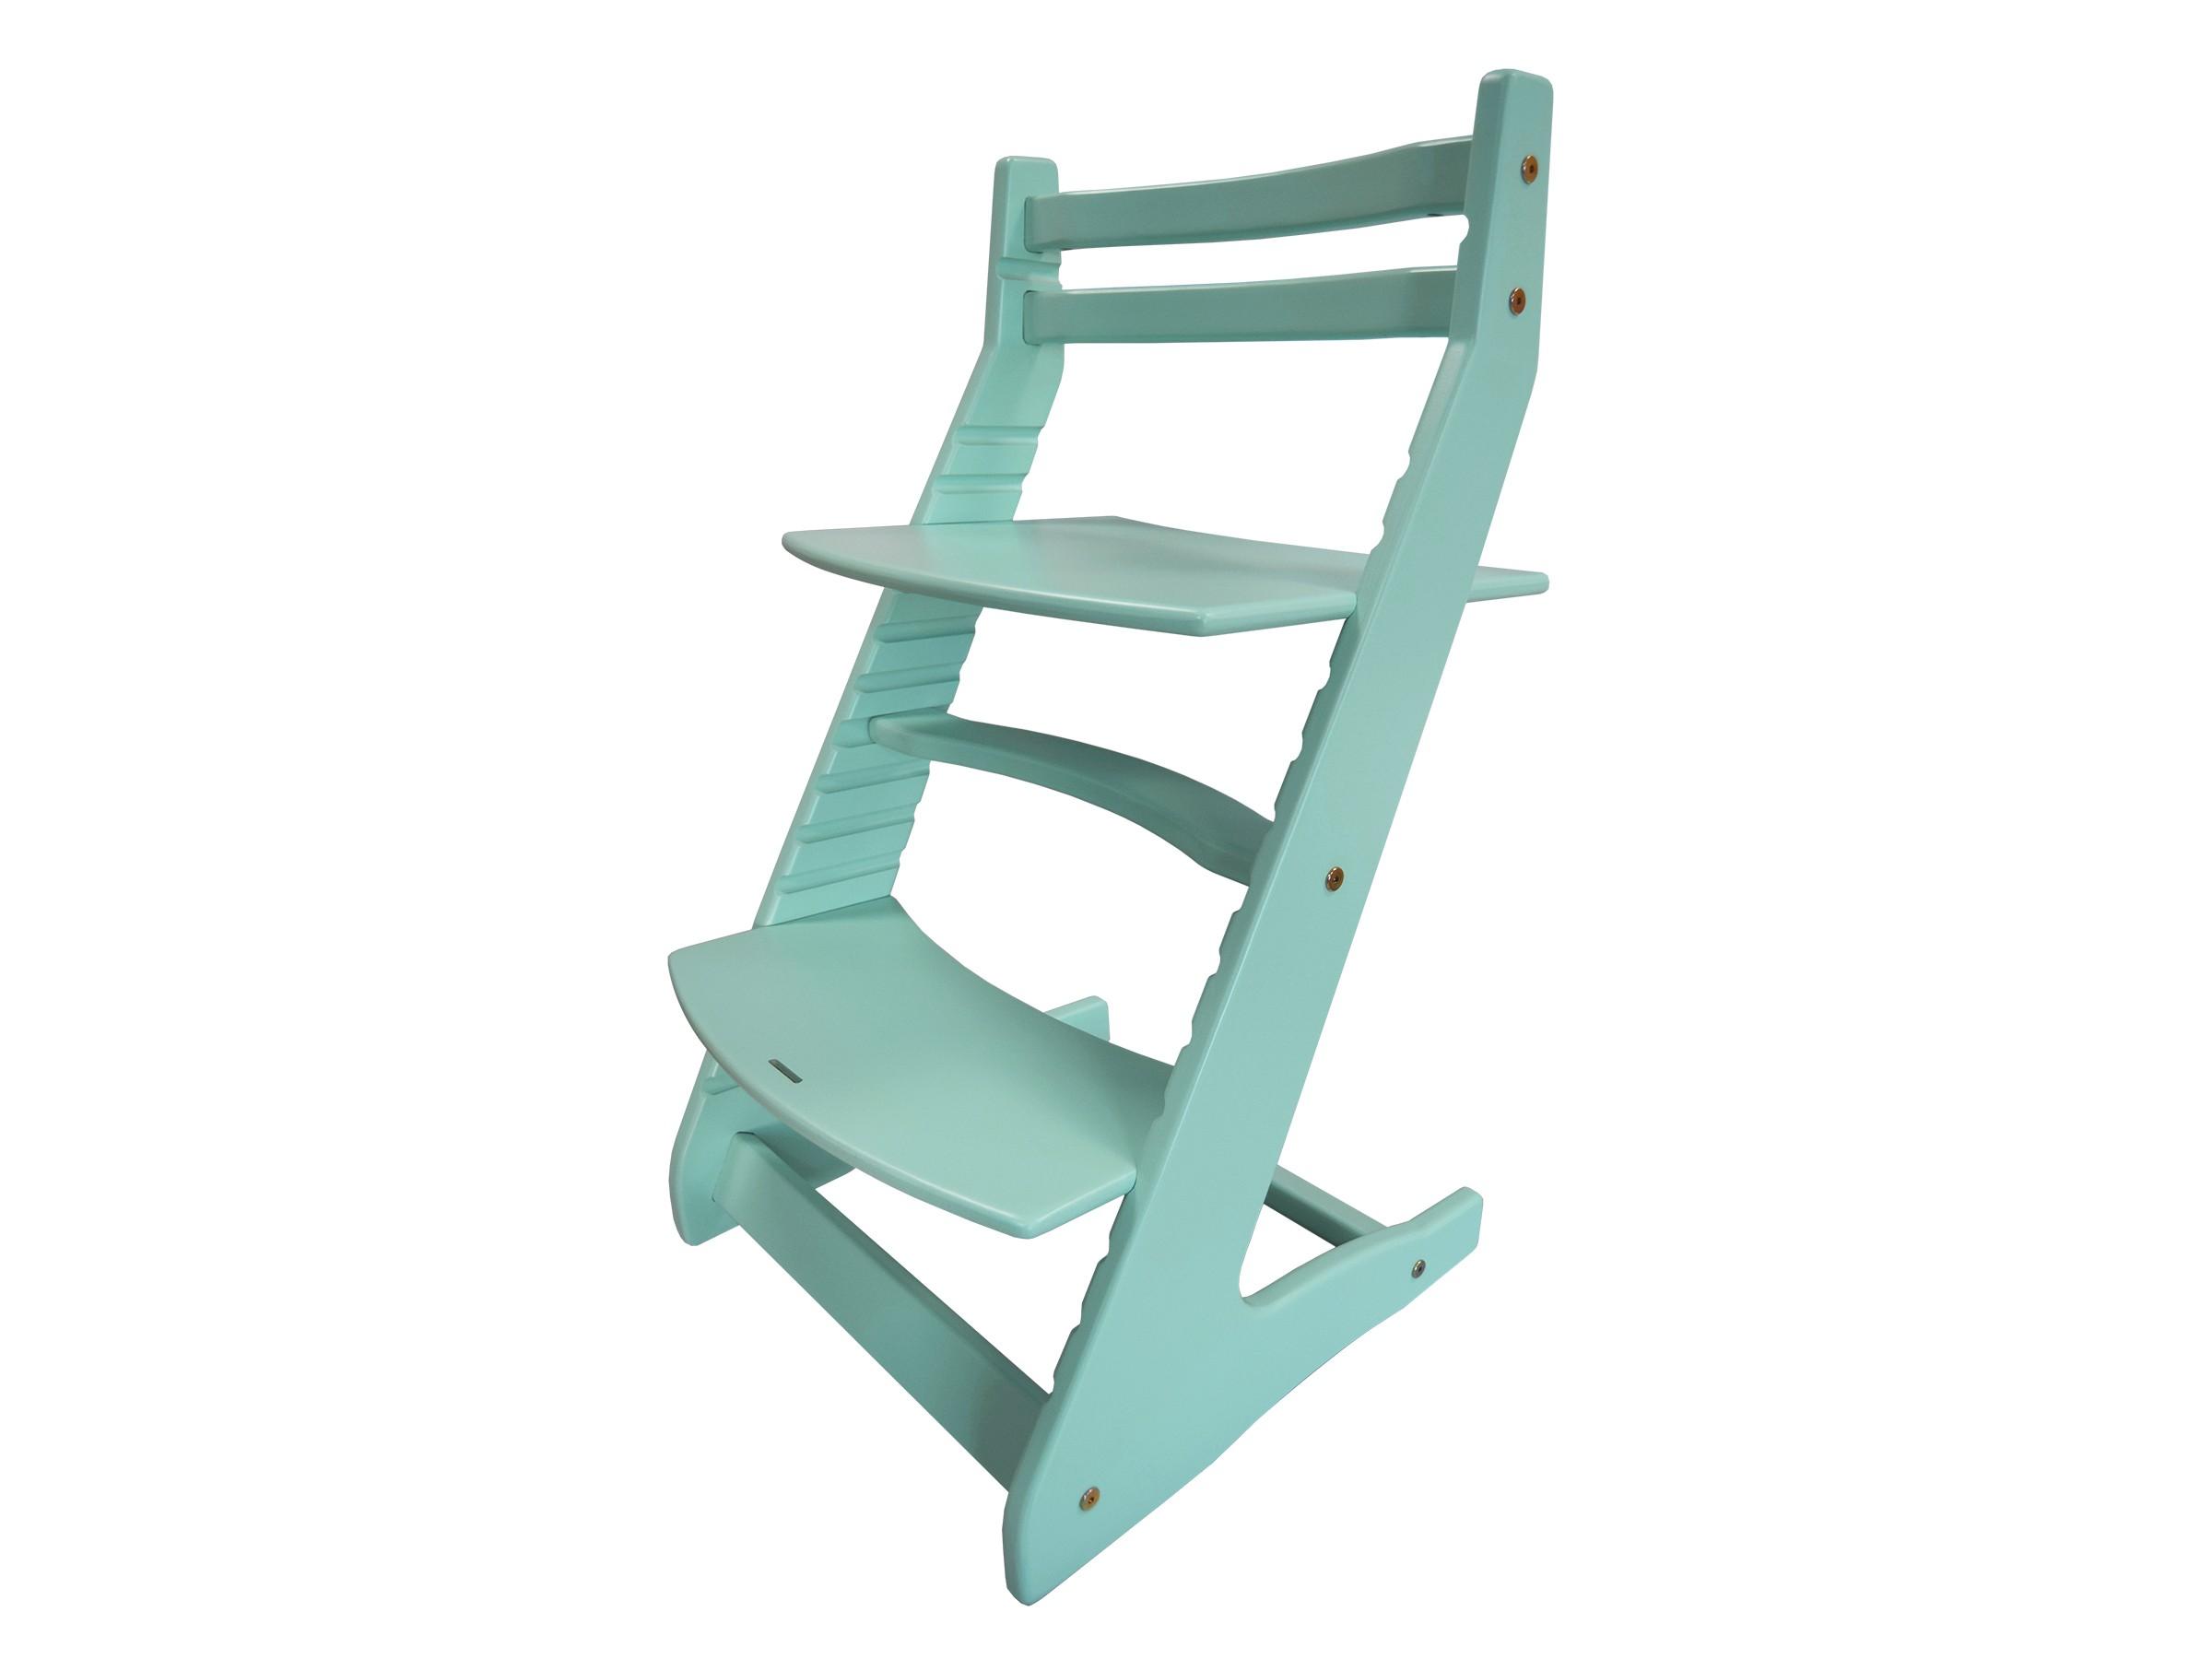 Стул детский ВырастайкаДетские стулья<br>Растущие стулья «Вырастайка» нравятся и детям, и взрослым: их лаконичный дизайн и яркая цветовая палитра отлично смотрятся в детской комнате, а высокое качество исполнения и продуманная конструкция помогают заботиться о здоровье малыша. <br>Если вы хотите сформировать у своего ребенка правильную осанку, стоит подобрать ему мебель, соответствующую его росту и фигуре. Даже если ваше чадо растет очень быстро, стульчик «Вырастайка» будет расти одновременно с ним: меняя высоту и глубину сидения, вы легко отрегулируете его положение так, чтобы малыш мог принять правильную позу, не чувствуя при этом дискомфорта.&amp;nbsp;Стулья «Вырастайка» производятся из экологически чистых материалов: легкая и прочная березовая фанера выдерживает массу до 100 кг. Стульчик сложно раскачать или опрокинуть, поэтому вы сможете быть спокойны за безопасность вашего малыша.<br><br>kit: None<br>gender: None